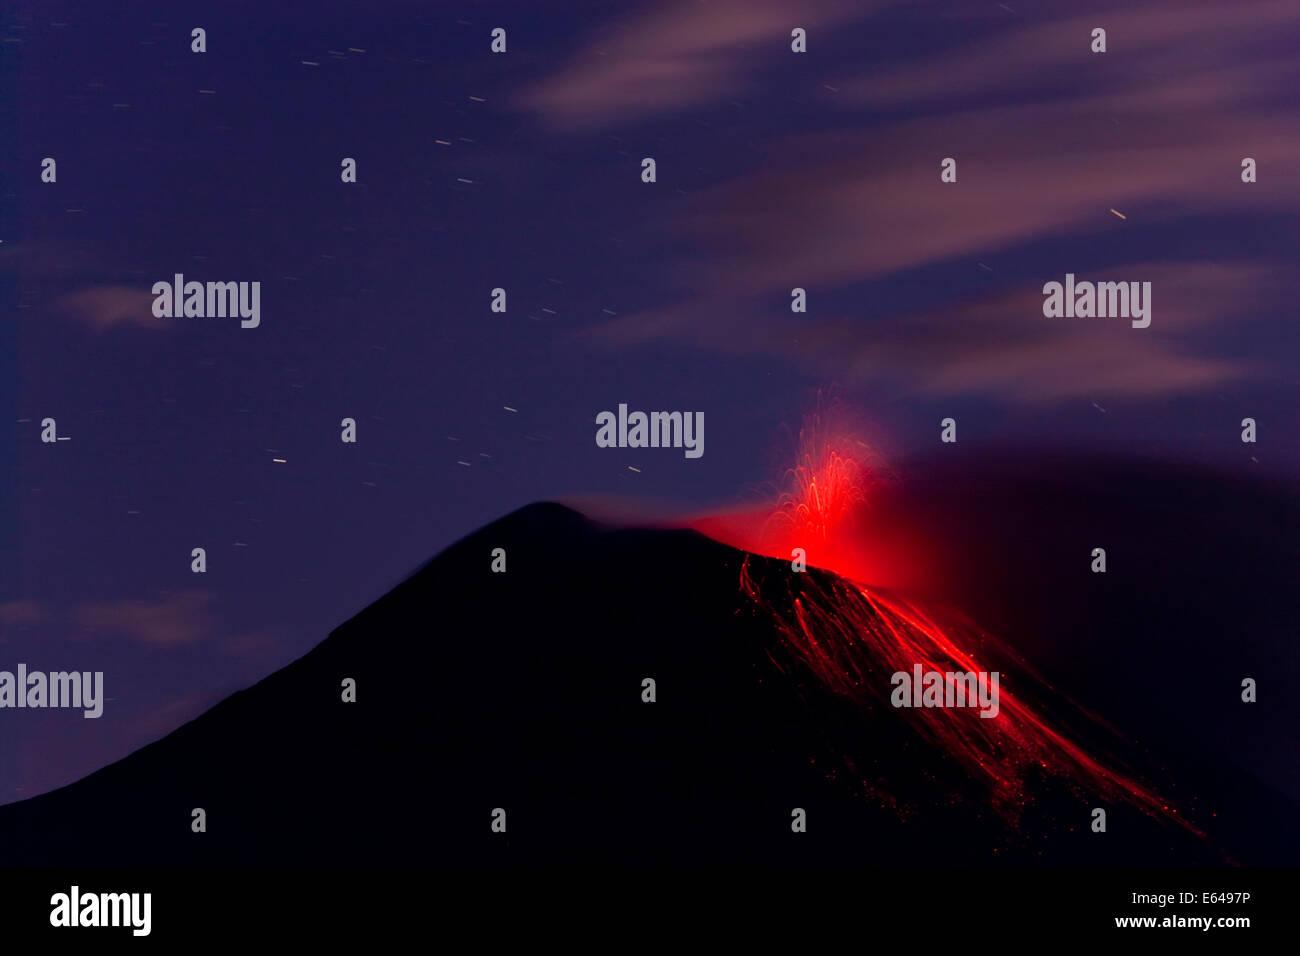 Volcán Tungurahua con flujo de lava, Banos, Ecuador Imagen De Stock